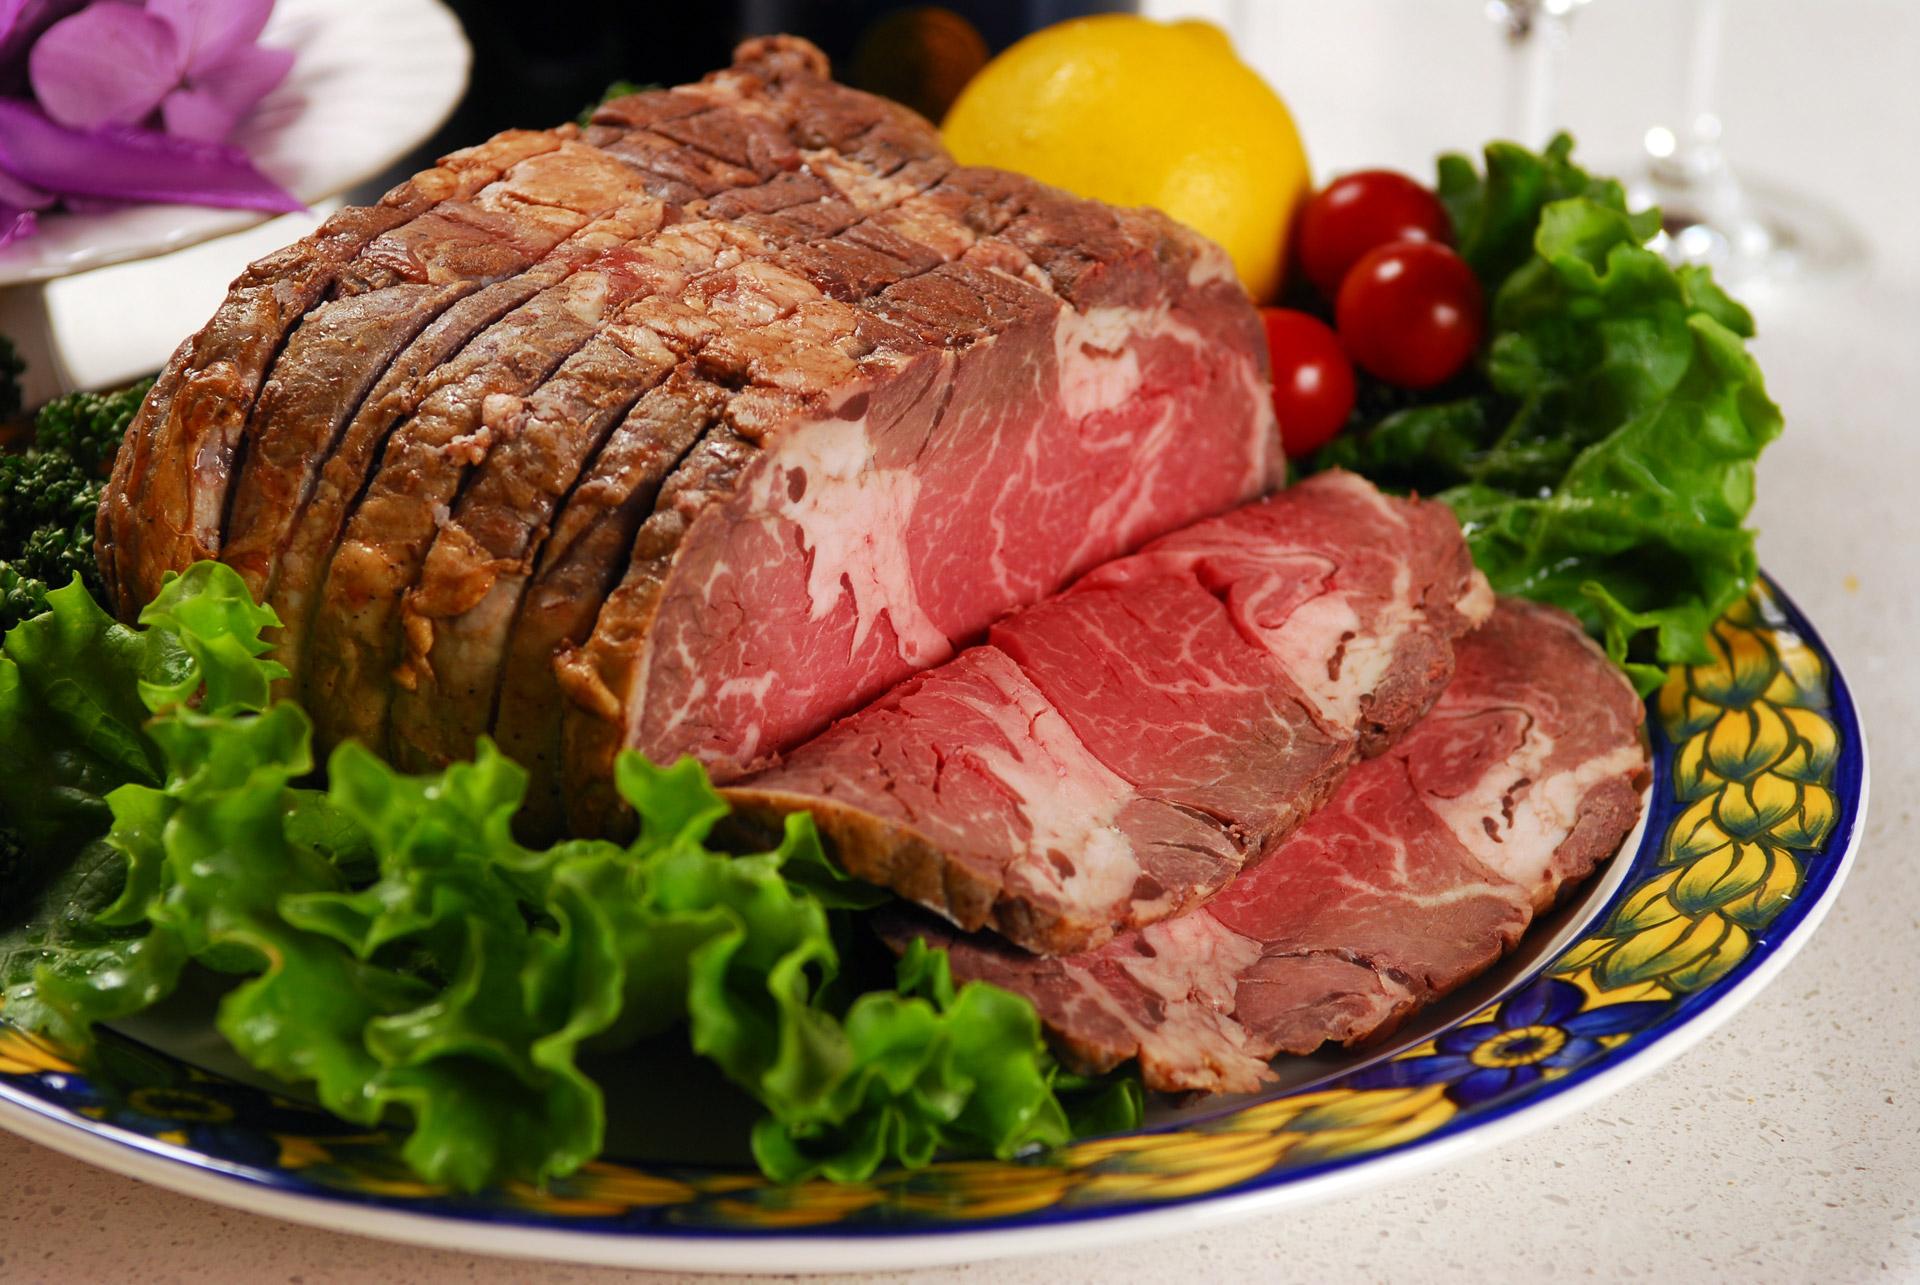 La viande rouge, un abus qui peut faire mal.